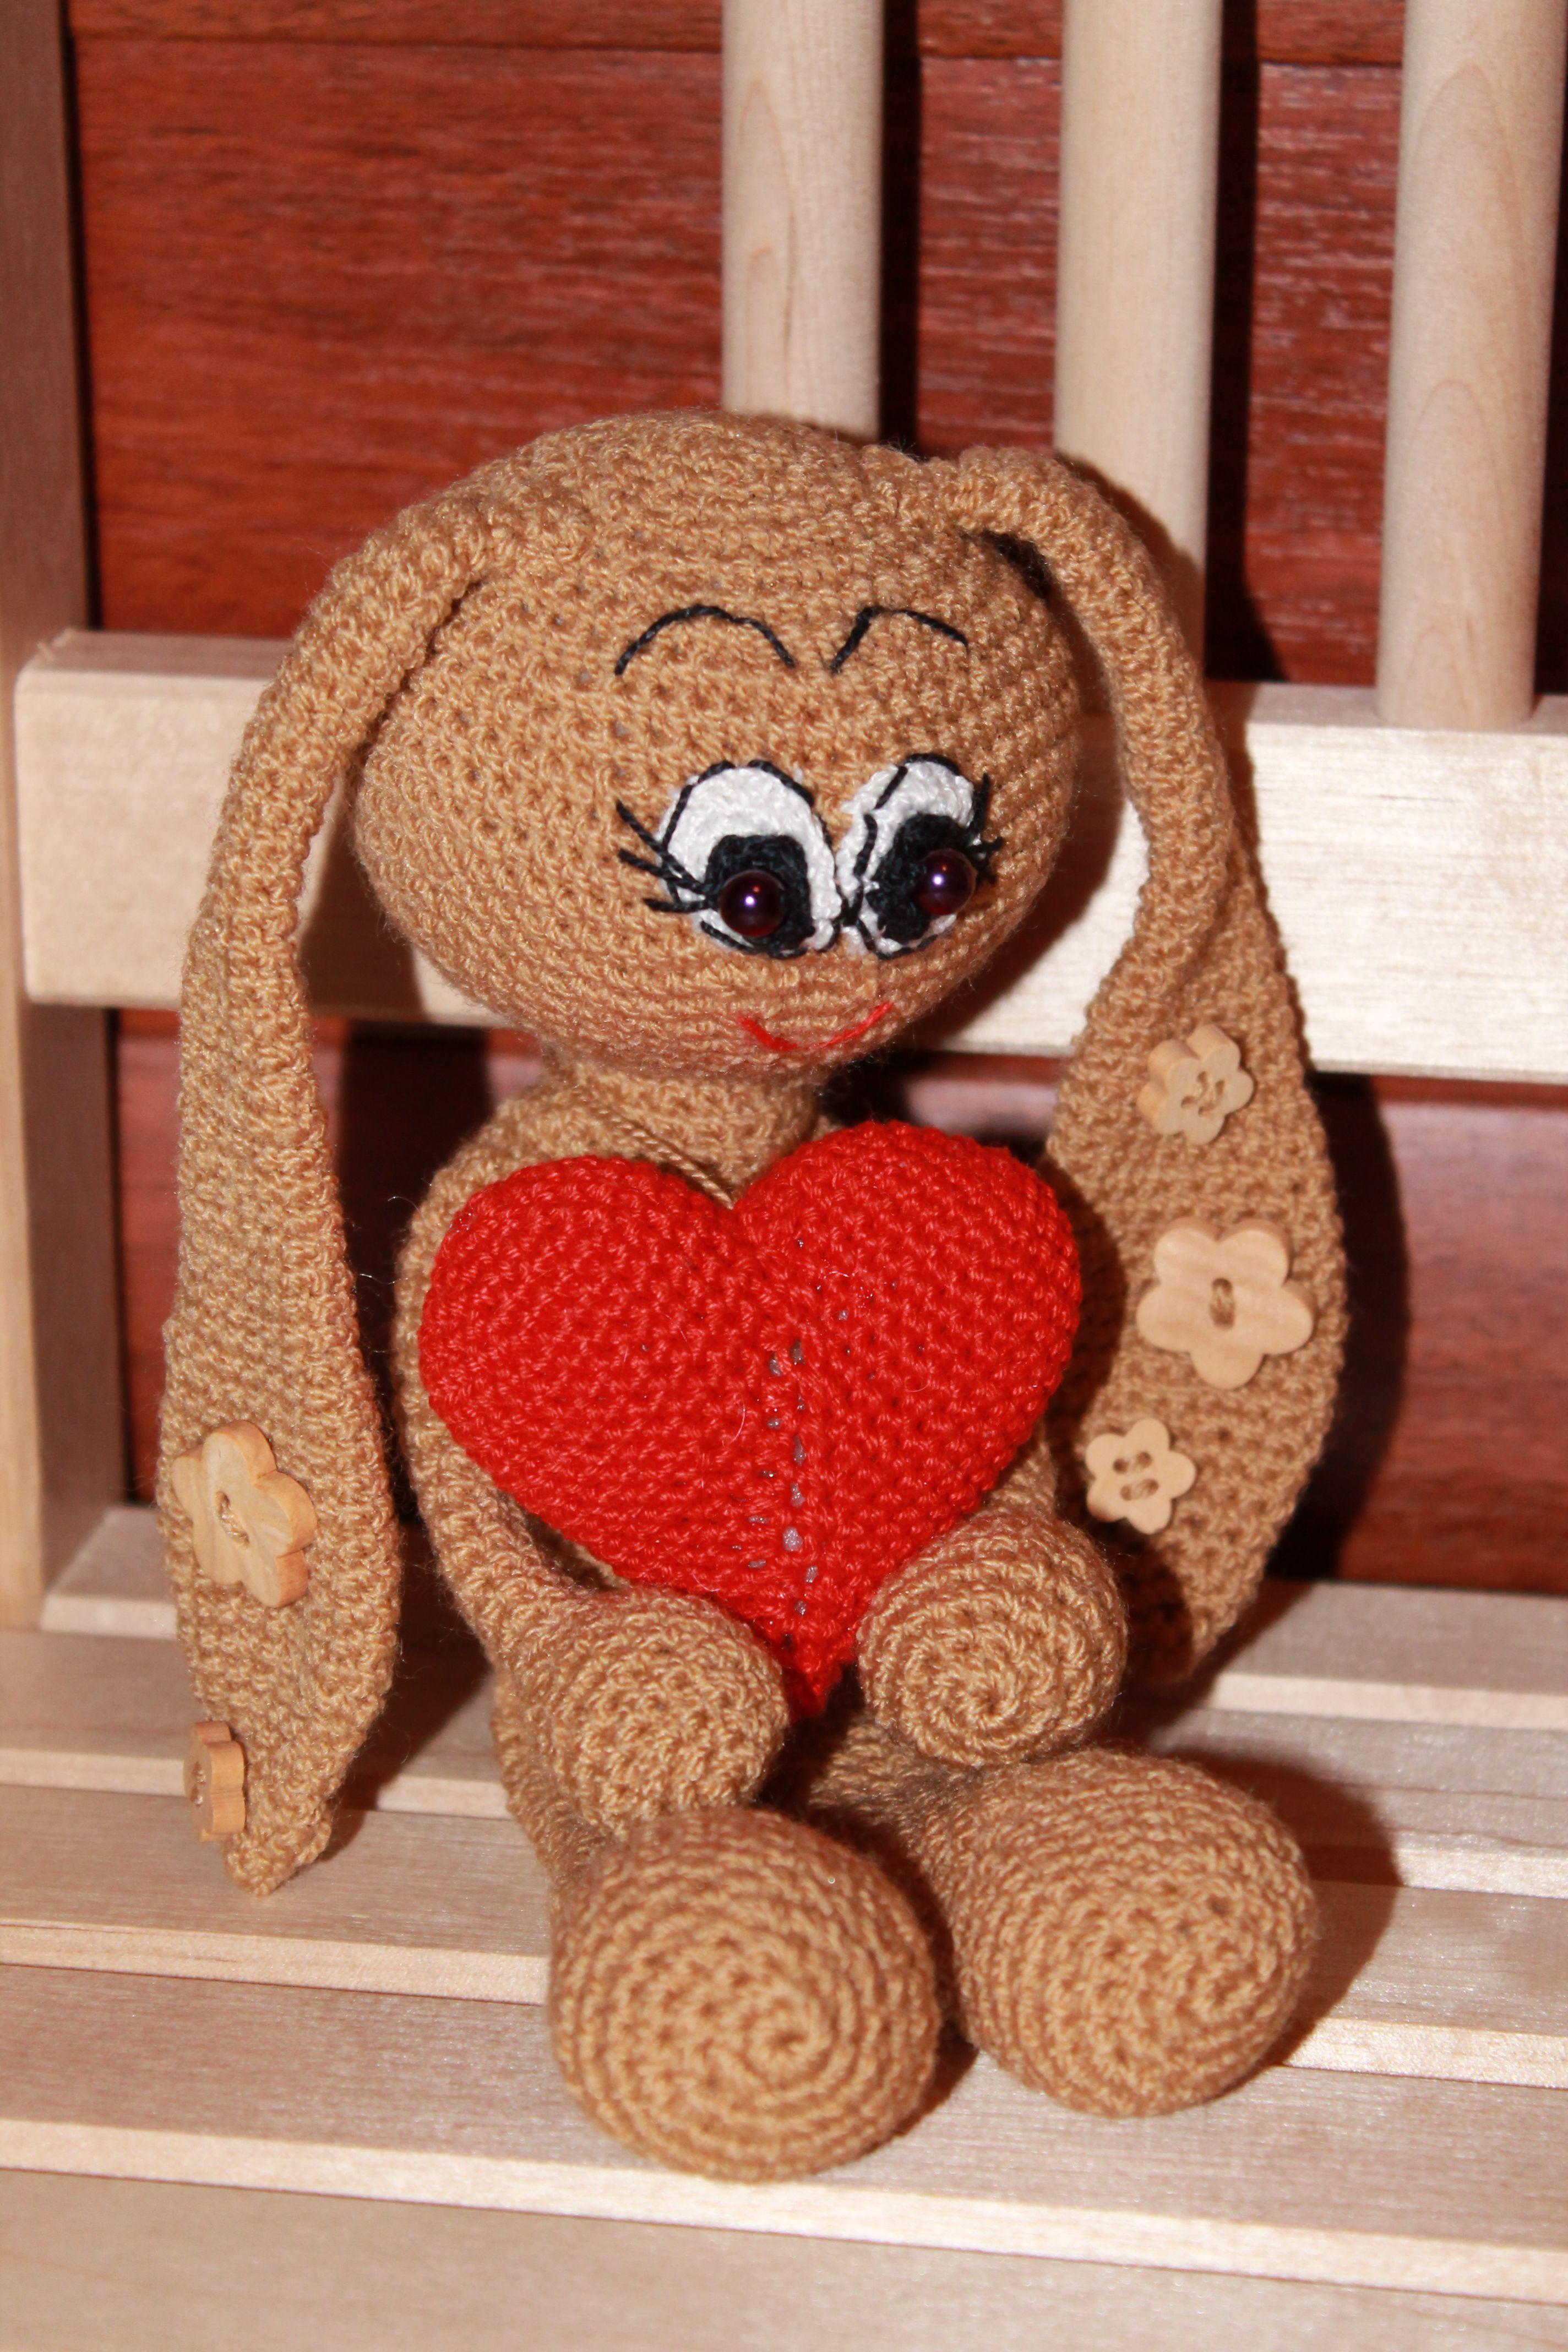 вязаныйзаяц амигурумикрючком игрушкавязанаякрючком подаркиручнойработы амигуруми зайка вязанаяигрушка развивающаяигрушка